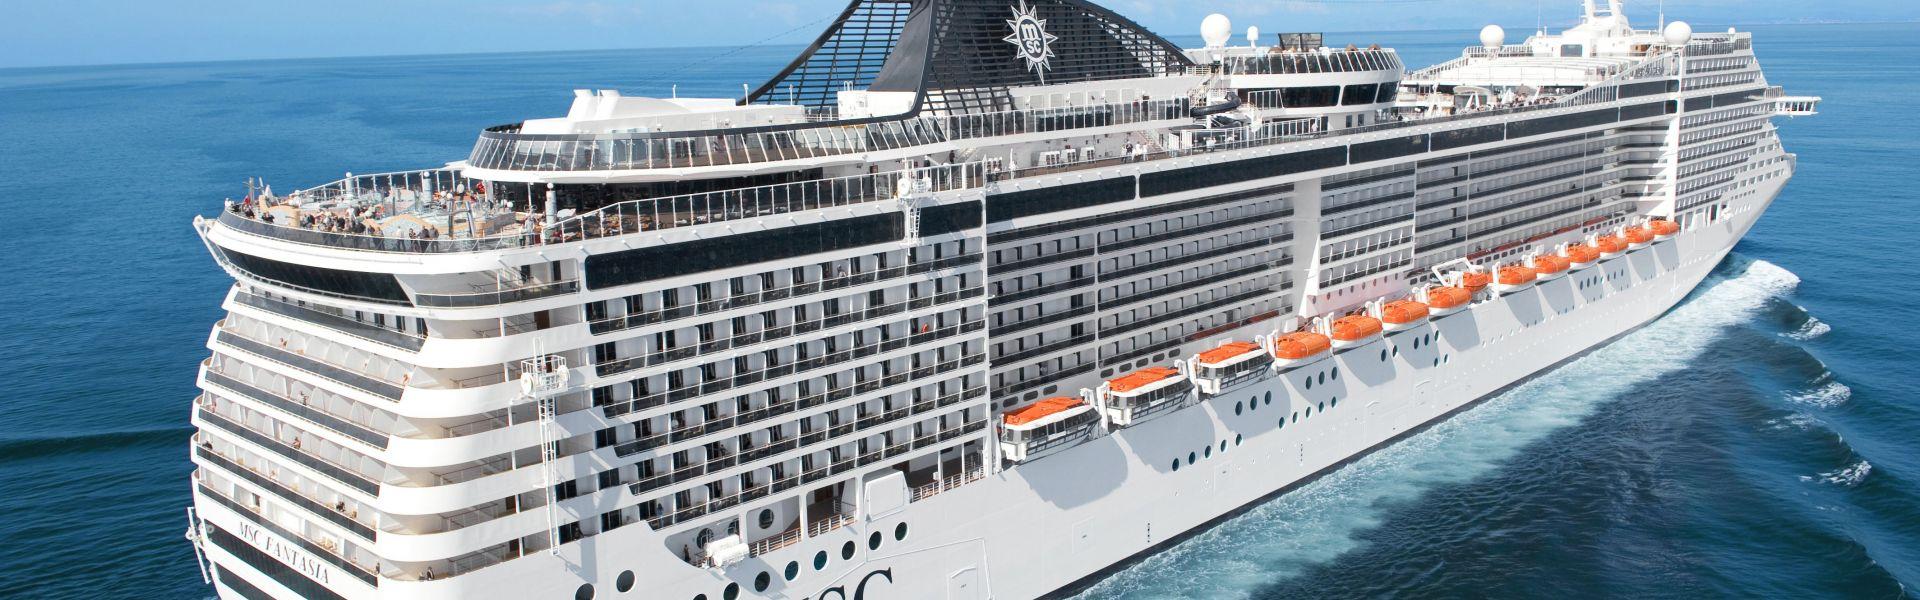 Croaziera 2018 - Tranatlantic/ Repozitionare (Barcelona) - MSC Cruises - MSC Fantasia - 18 nopti